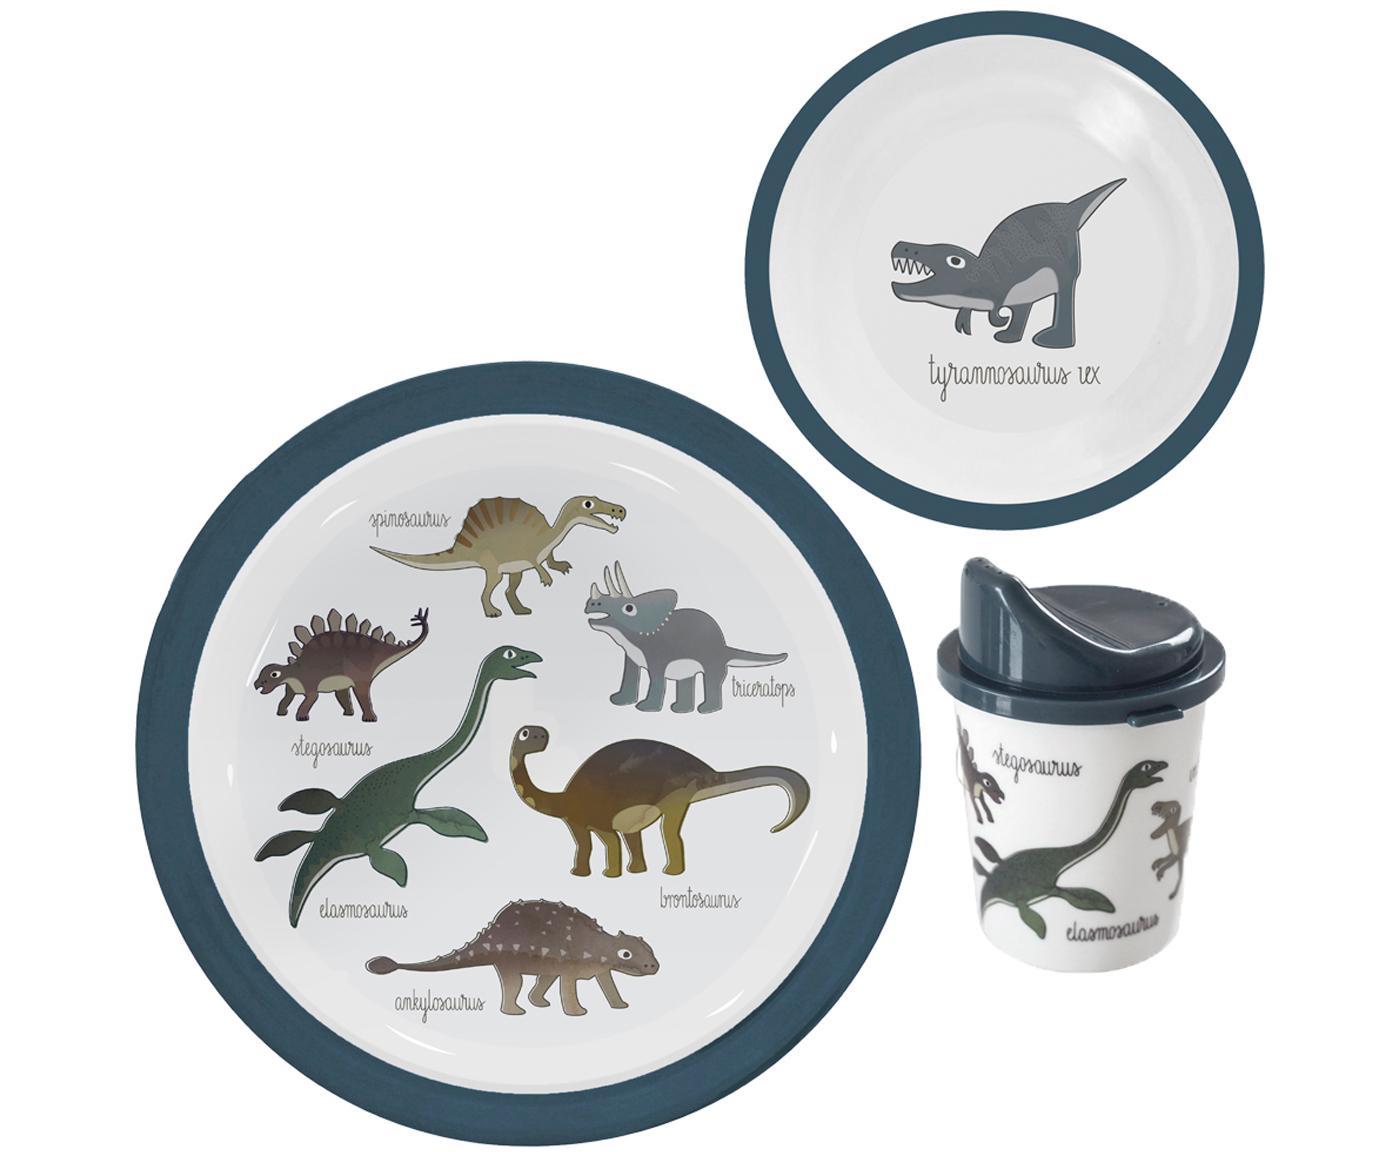 Komplet naczyń Dino, 3 elem., Melamina, tworzywo sztuczne, Wielobarwny, Różne rozmiary